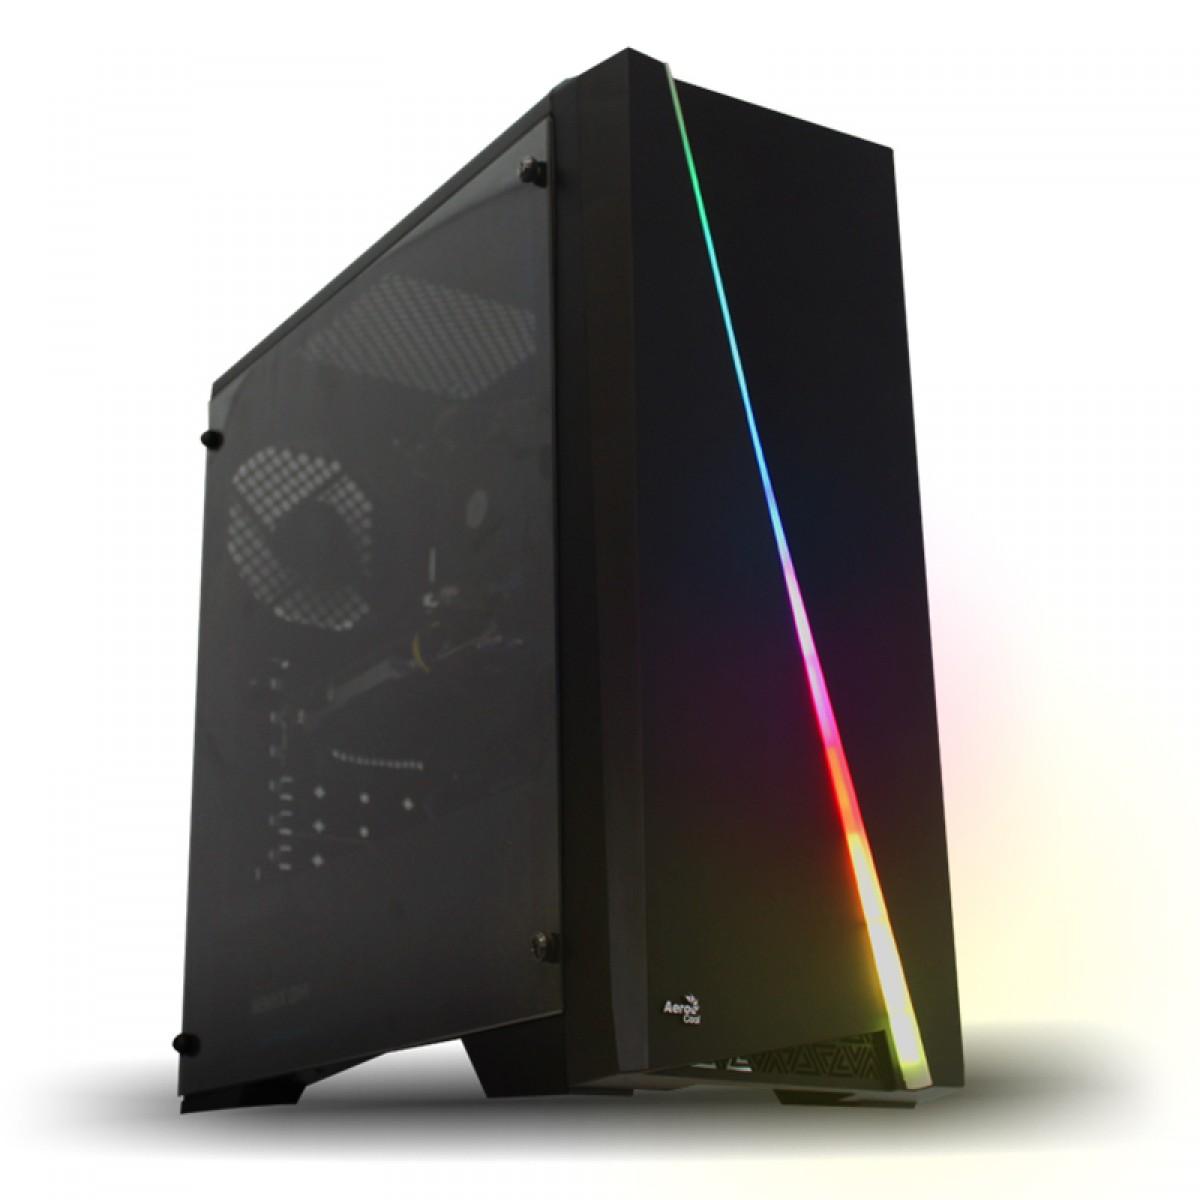 Pc Gamer T-Power Super Warlord Lvl-8 AMD Ryzen 7 3700X / Radeon NAVI RX 5700 XT 8GB / DDR4 16GB / HD 1TB / 700W